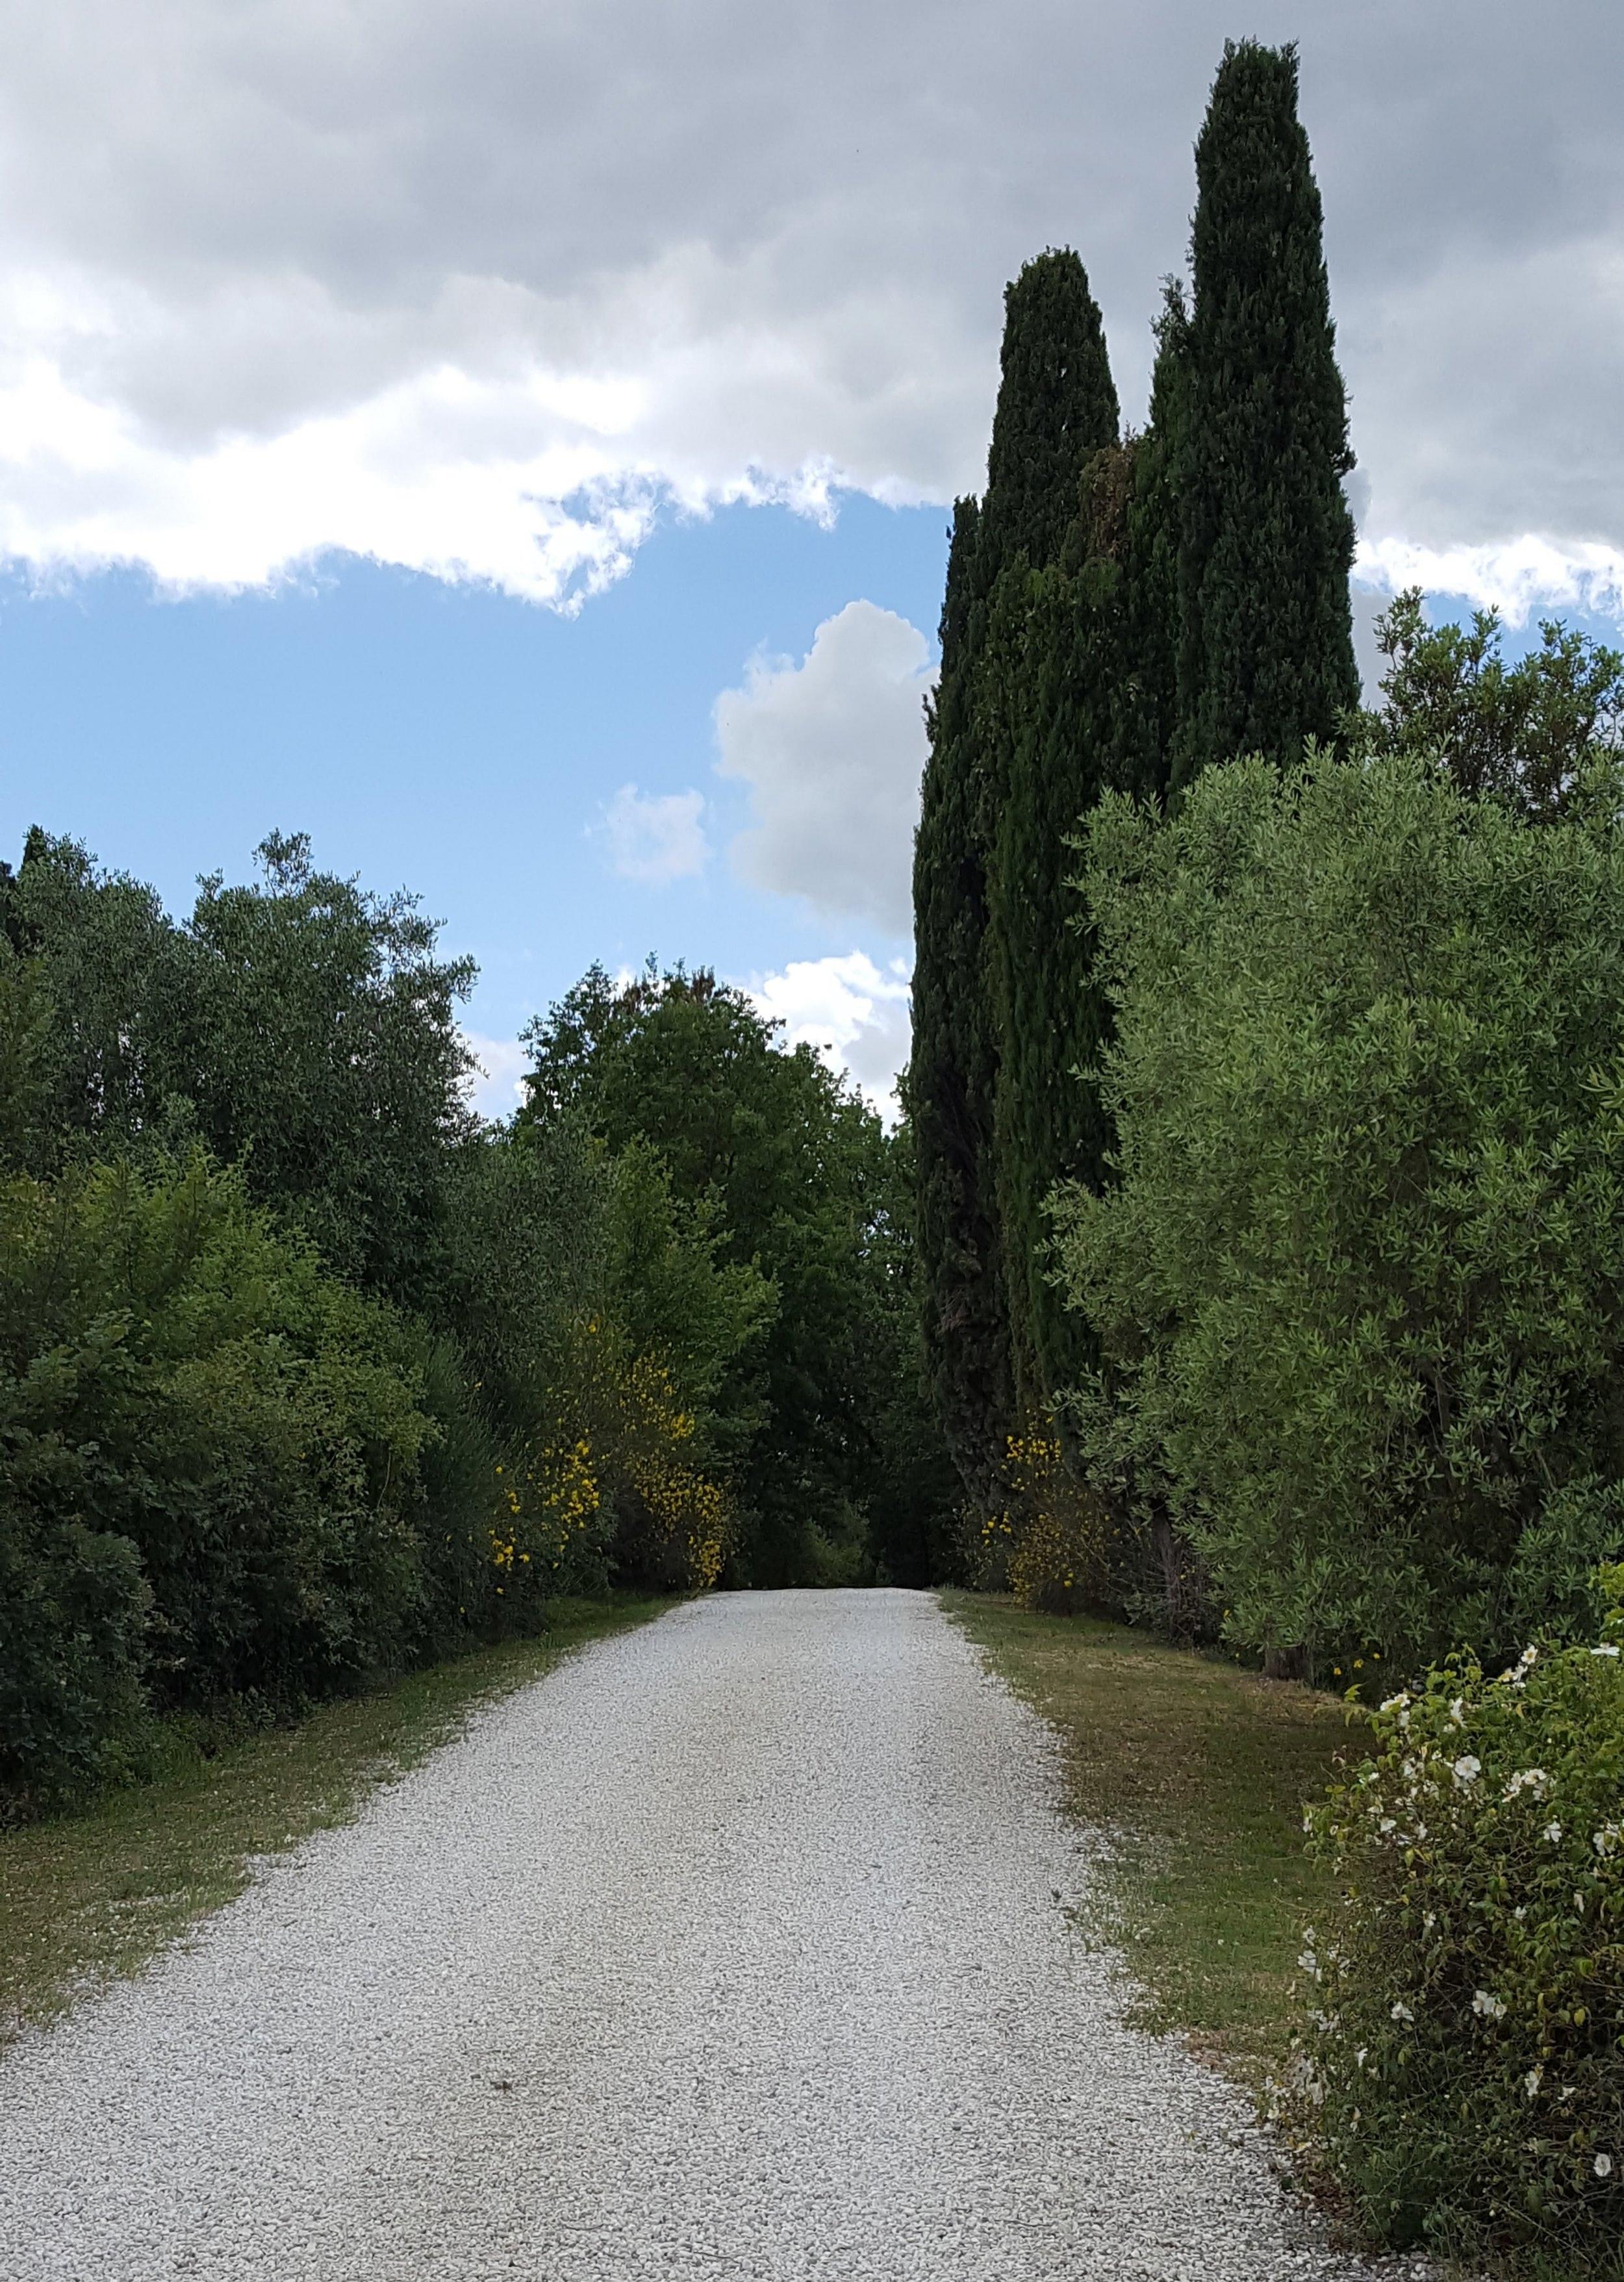 The driveway to Poggio Piglia